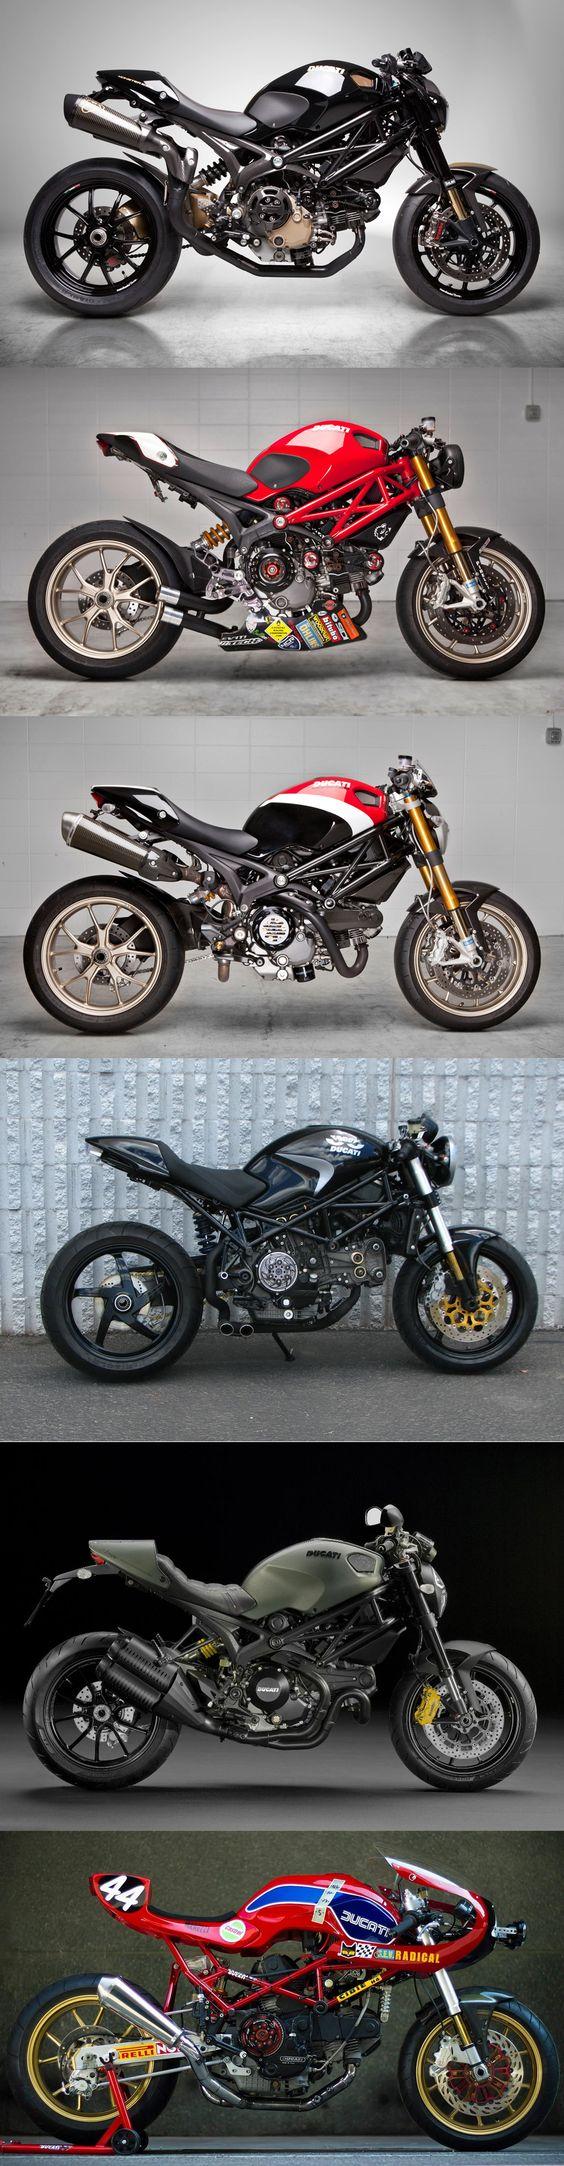 Fist couple bikes have #griptertankgrips